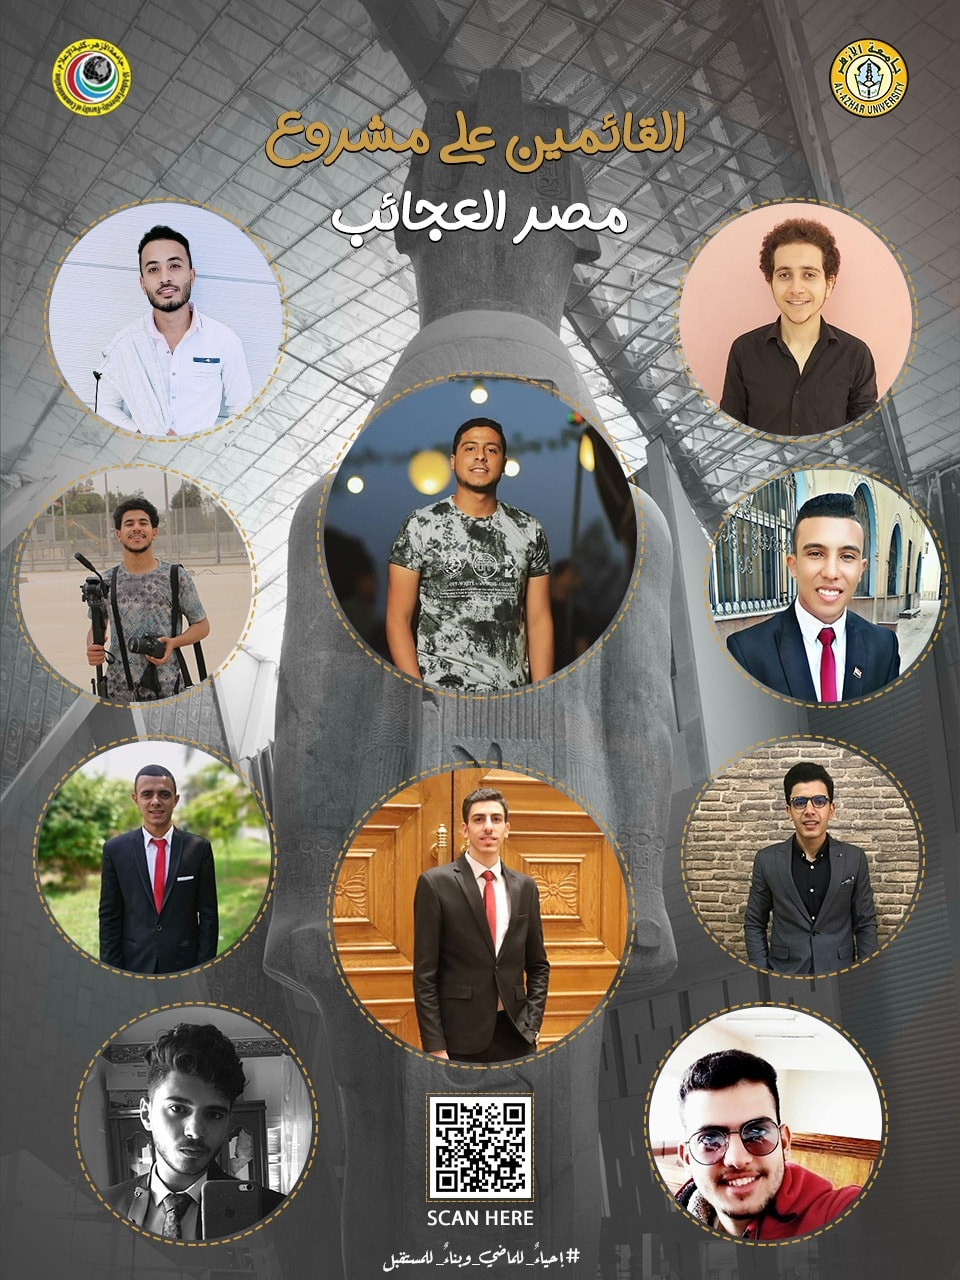 """"""" مصر العجائب"""" بإعلام الأزهر يحصد المركز الأول على مستوى الجامعات في مسابقة مؤسسة الإعلام والتحول الرقمي"""